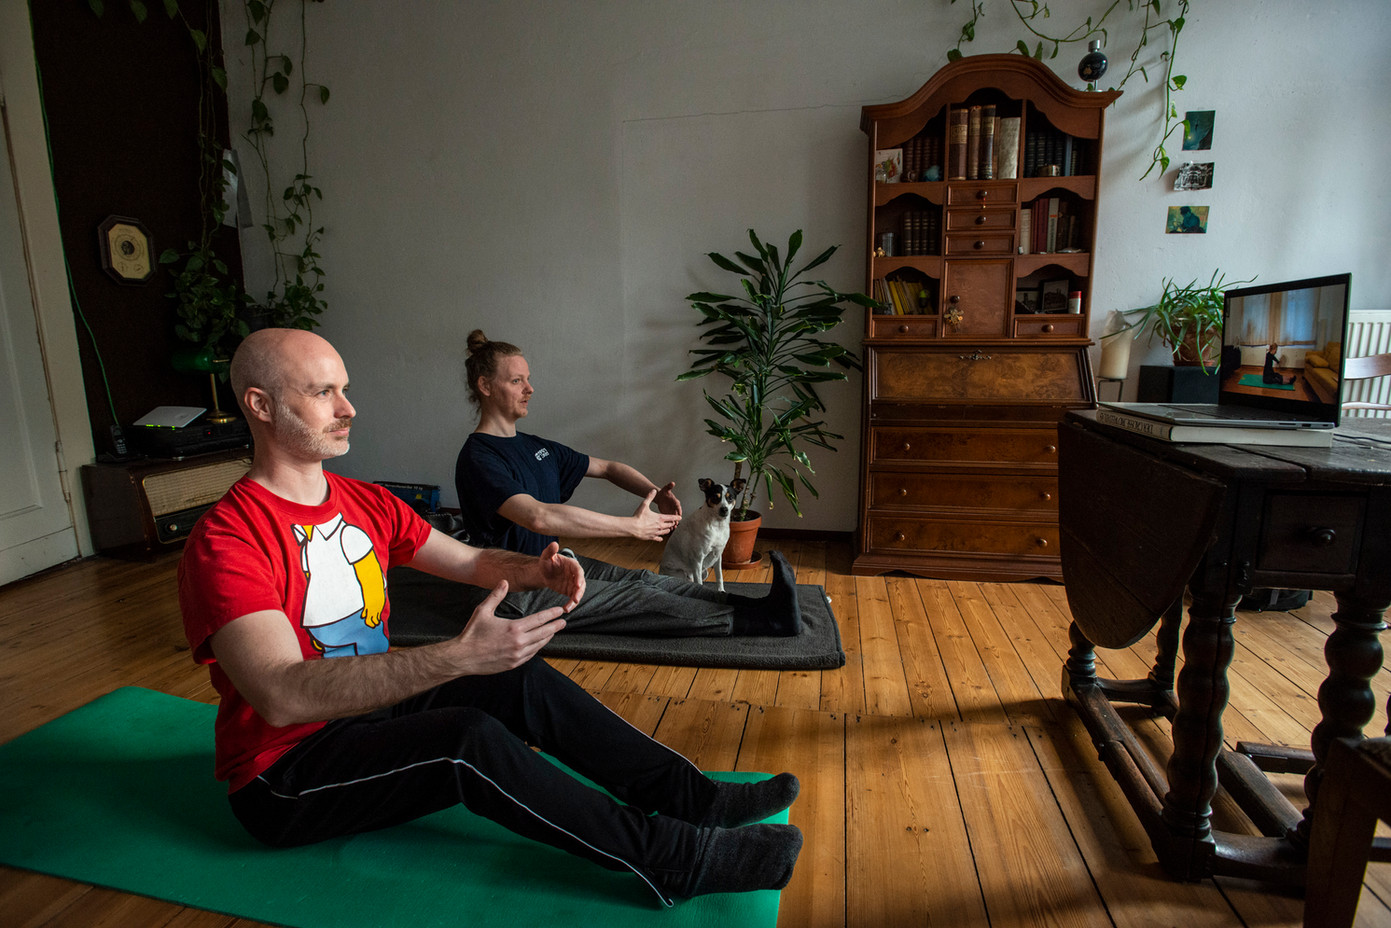 Stephan und Ferdinand beim Pilates, Neukölln  © Marcus Lieberenz/bildbuehne.de